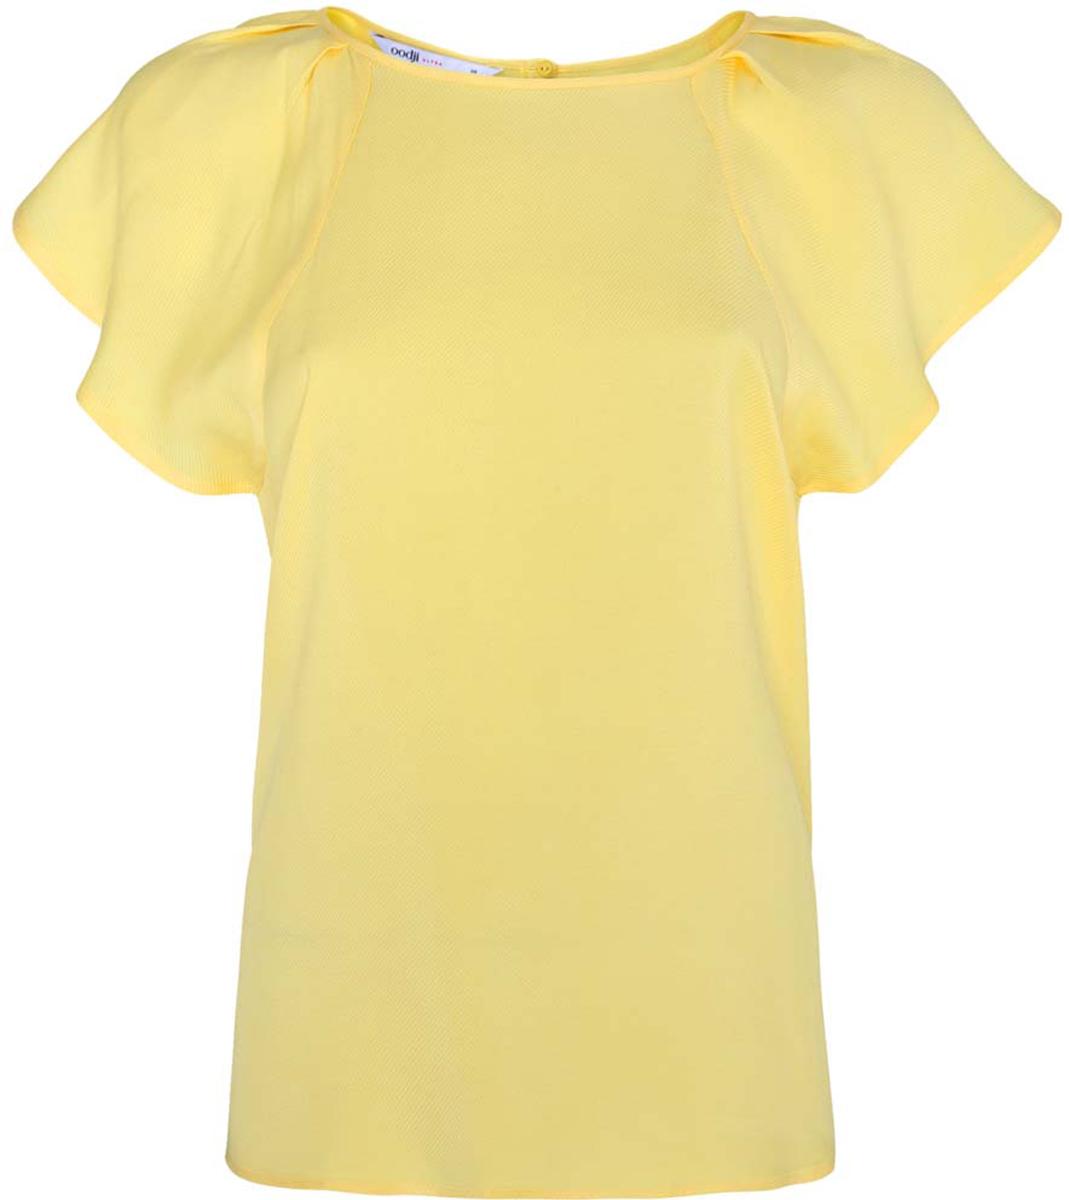 Блузка женская oodji Ultra, цвет: желтый. 11411106/45542/5200N. Размер 40-170 (46-170)11411106/45542/5200NЖенская блузка oodji Ultra выполнена из вискозы. Модель с круглым вырезом горловины и рукавами-крылышками, на спинке застегивается на пуговицу.